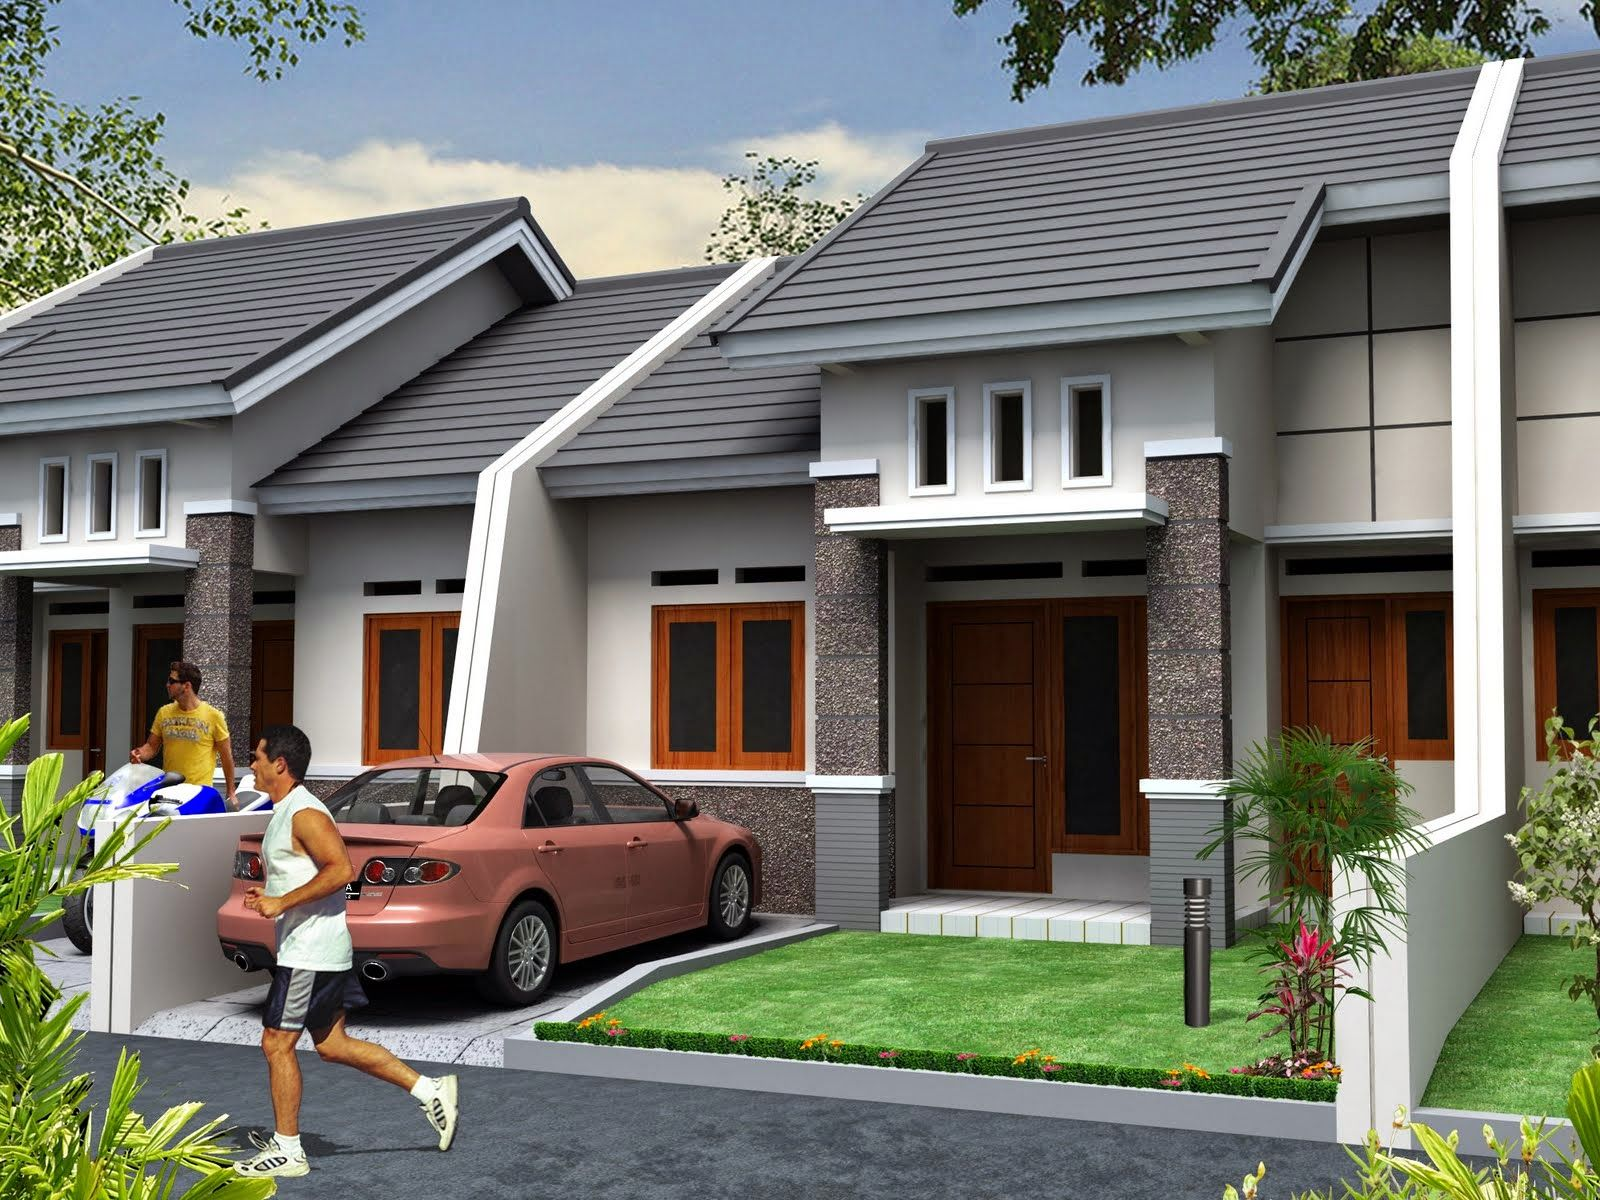 Desain Rumah Minimalis Luar Negeri Cek Bahan Bangunan